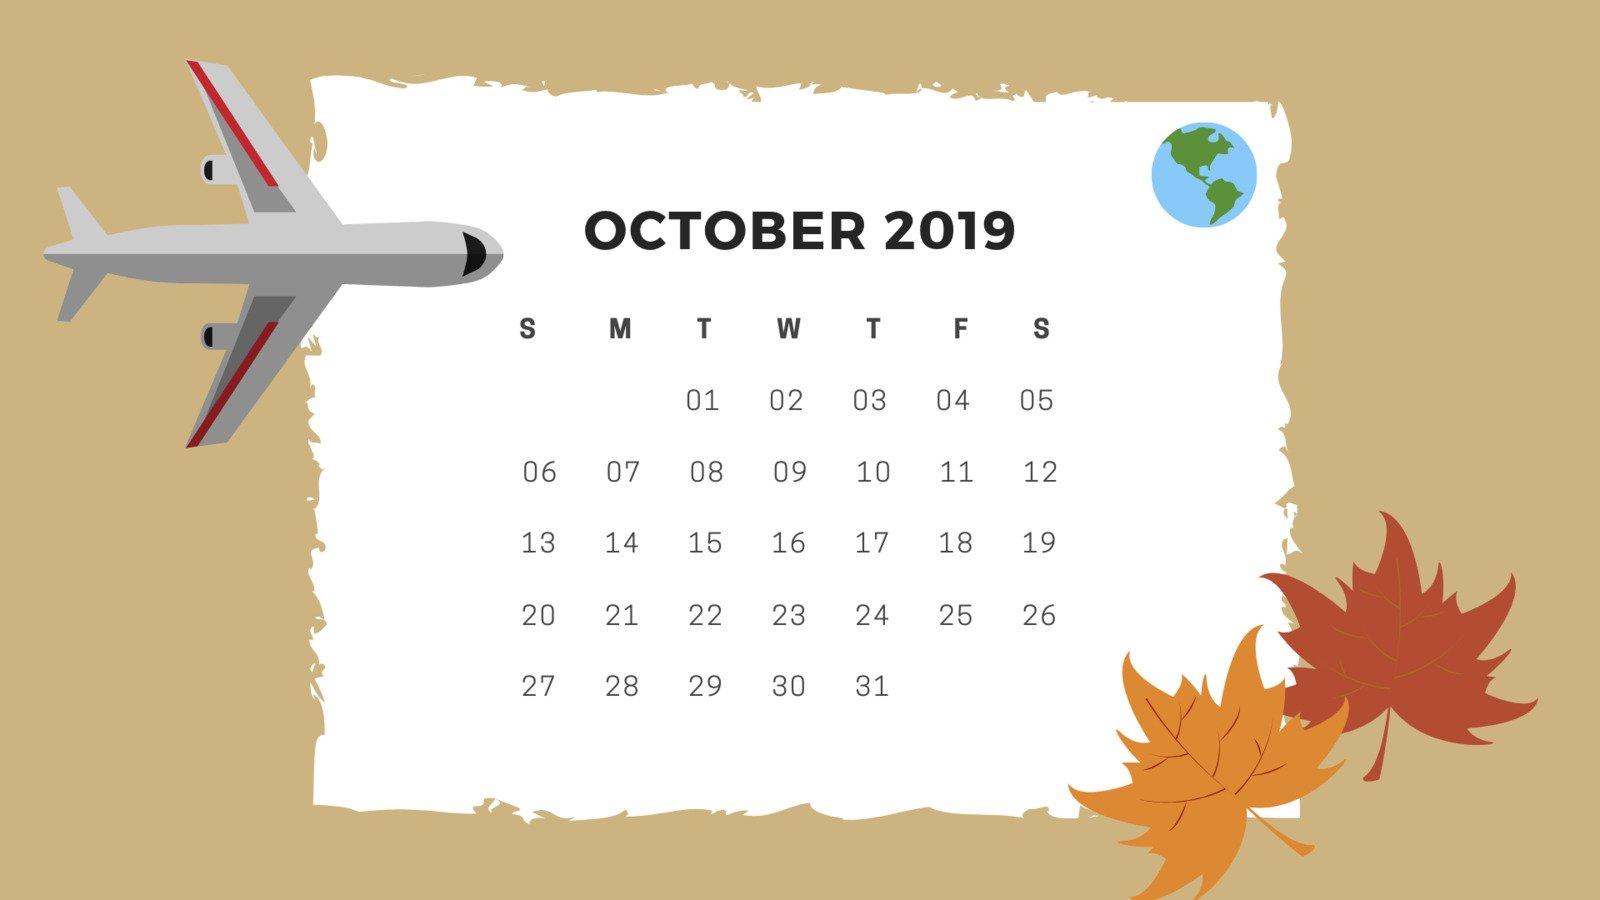 viajar no próximo outubro